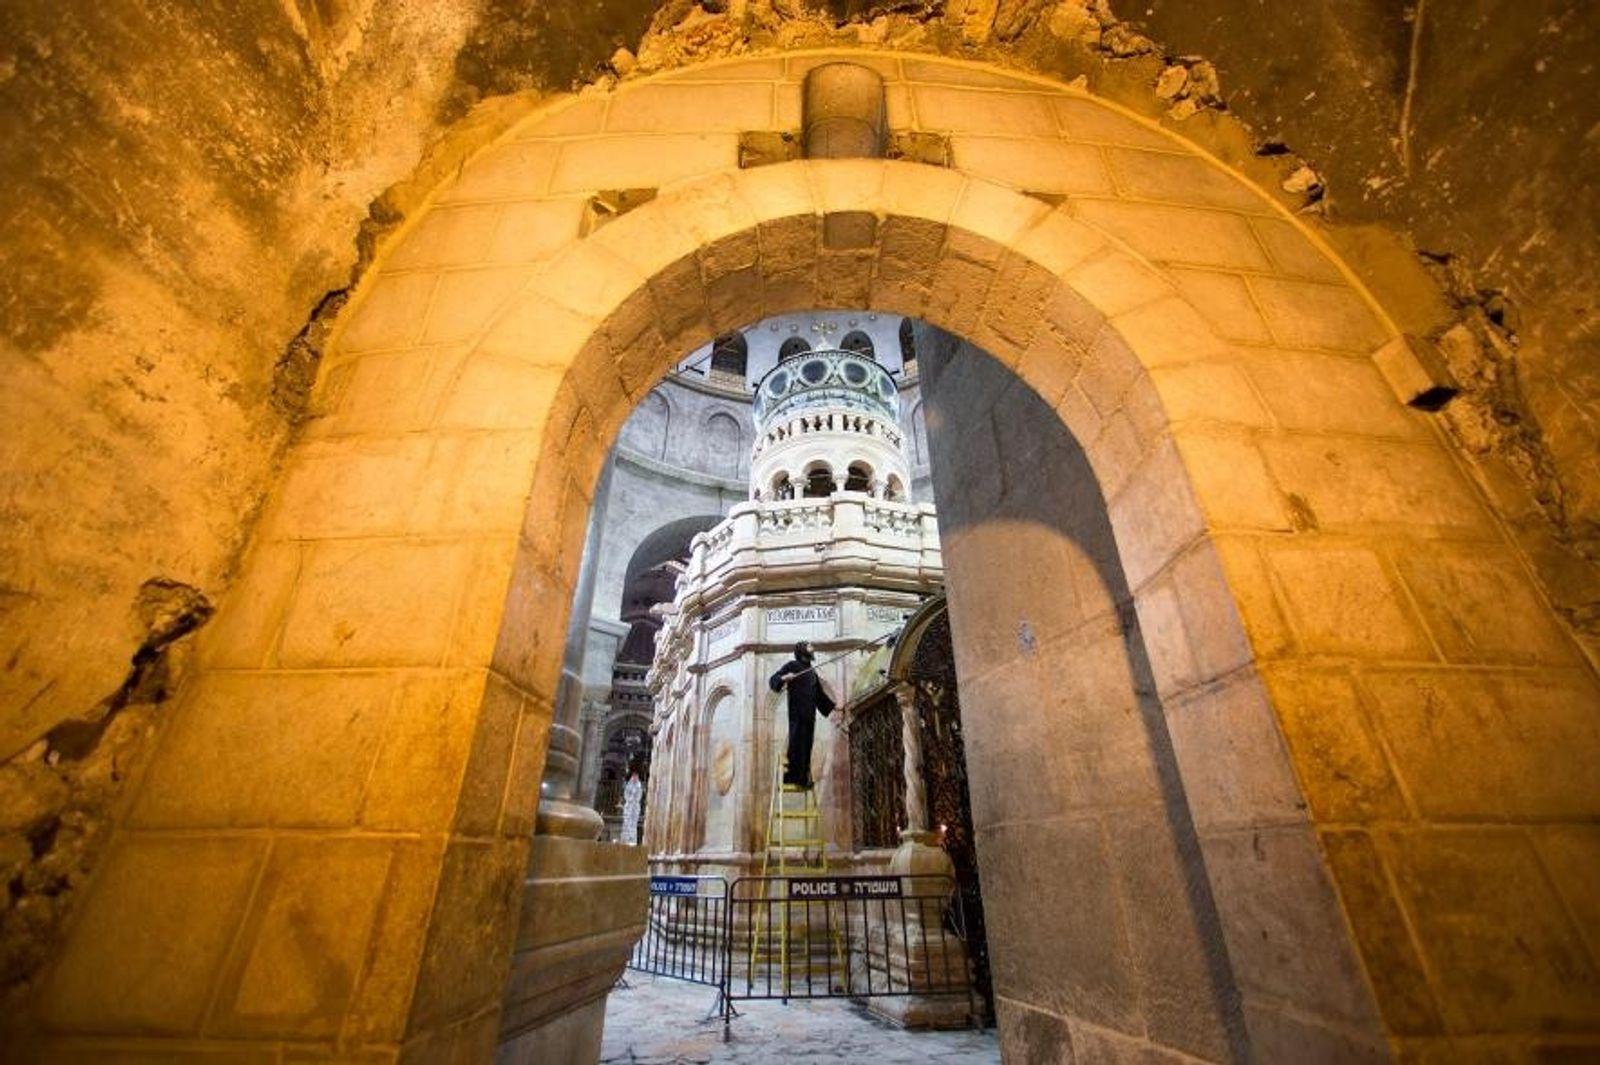 Un moine copte dépoussière la façade d'une chapelle située derrière l'édicule.